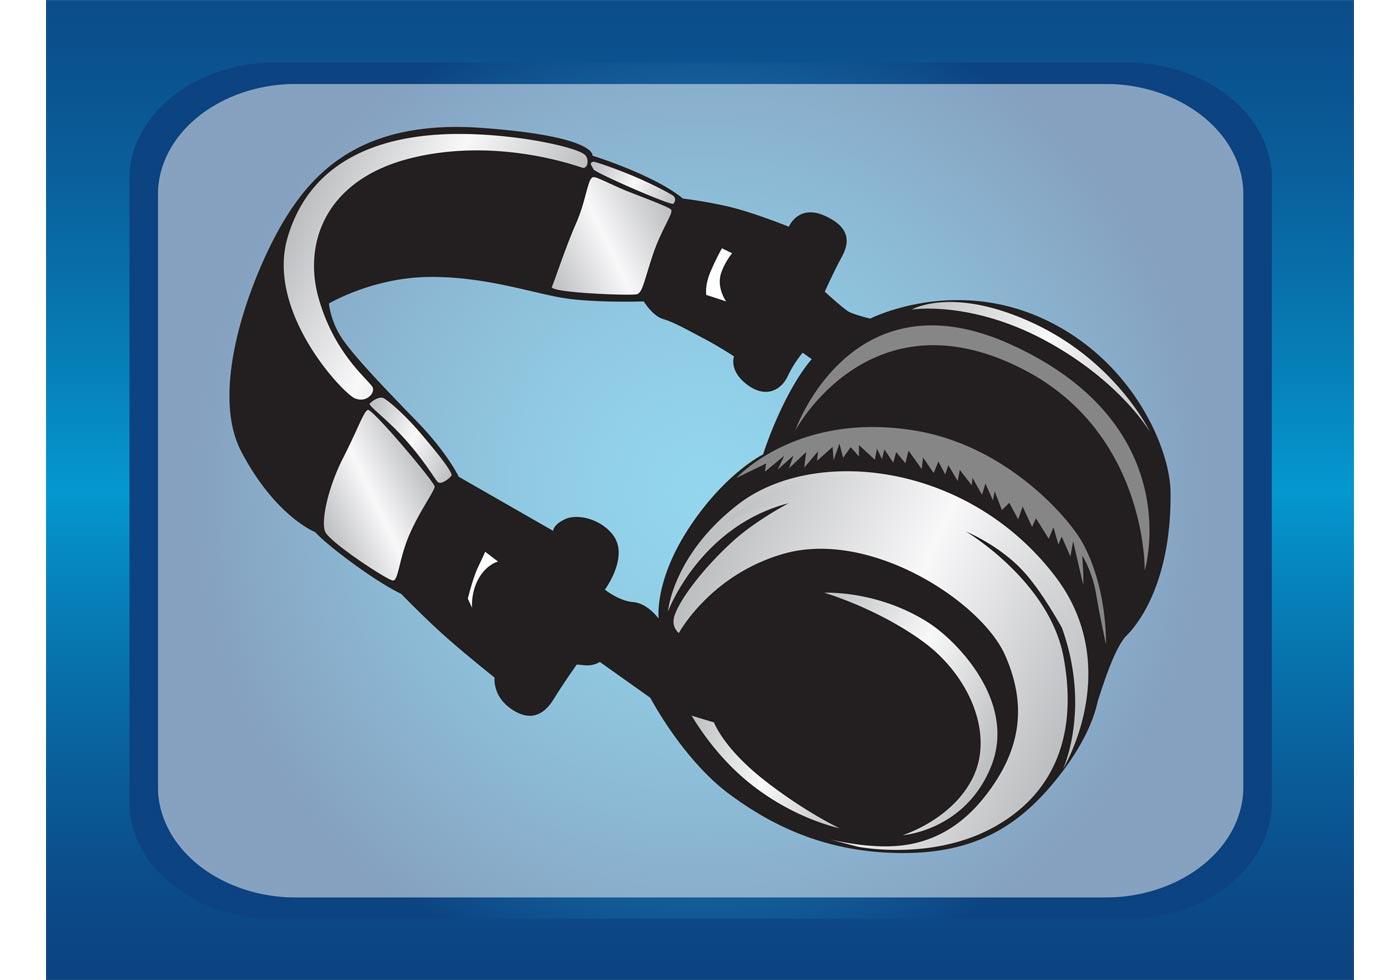 Wireless Headphones Download Free Vector Art Stock